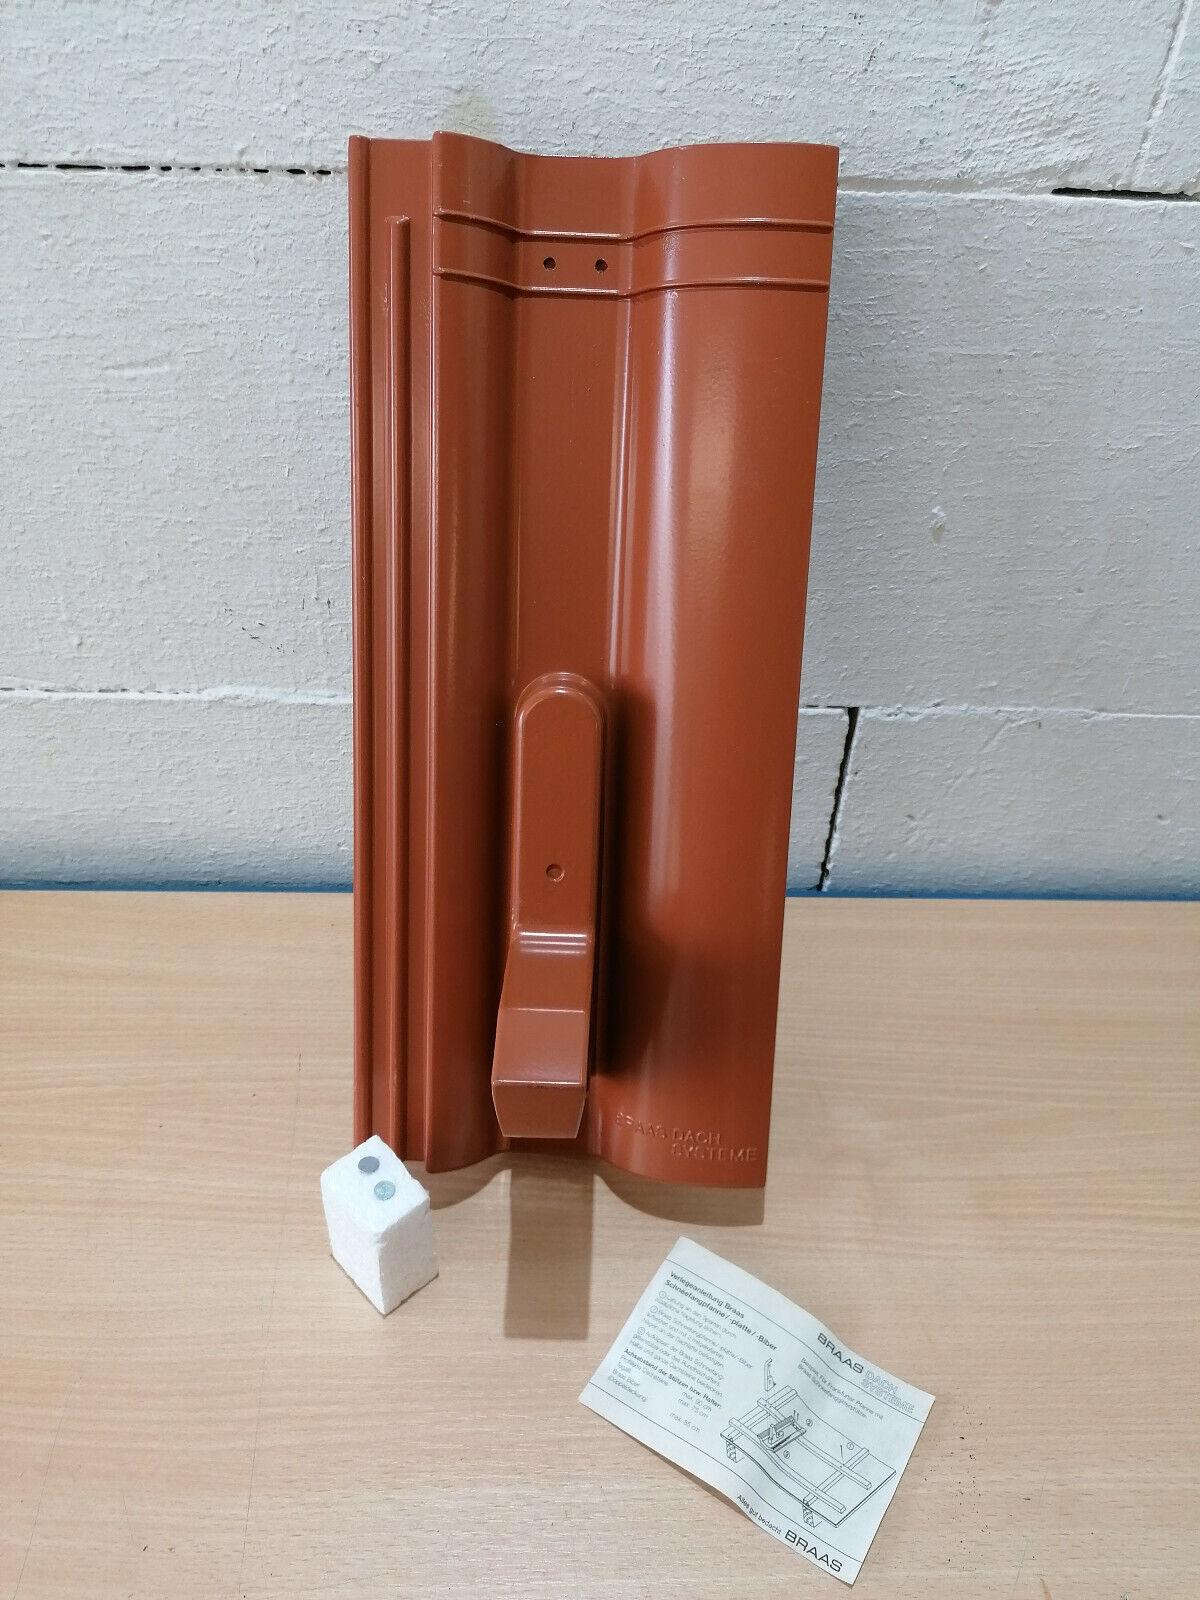 Fleck Antennendurchgangspfanne PVC für Braas Taunus Pfanne